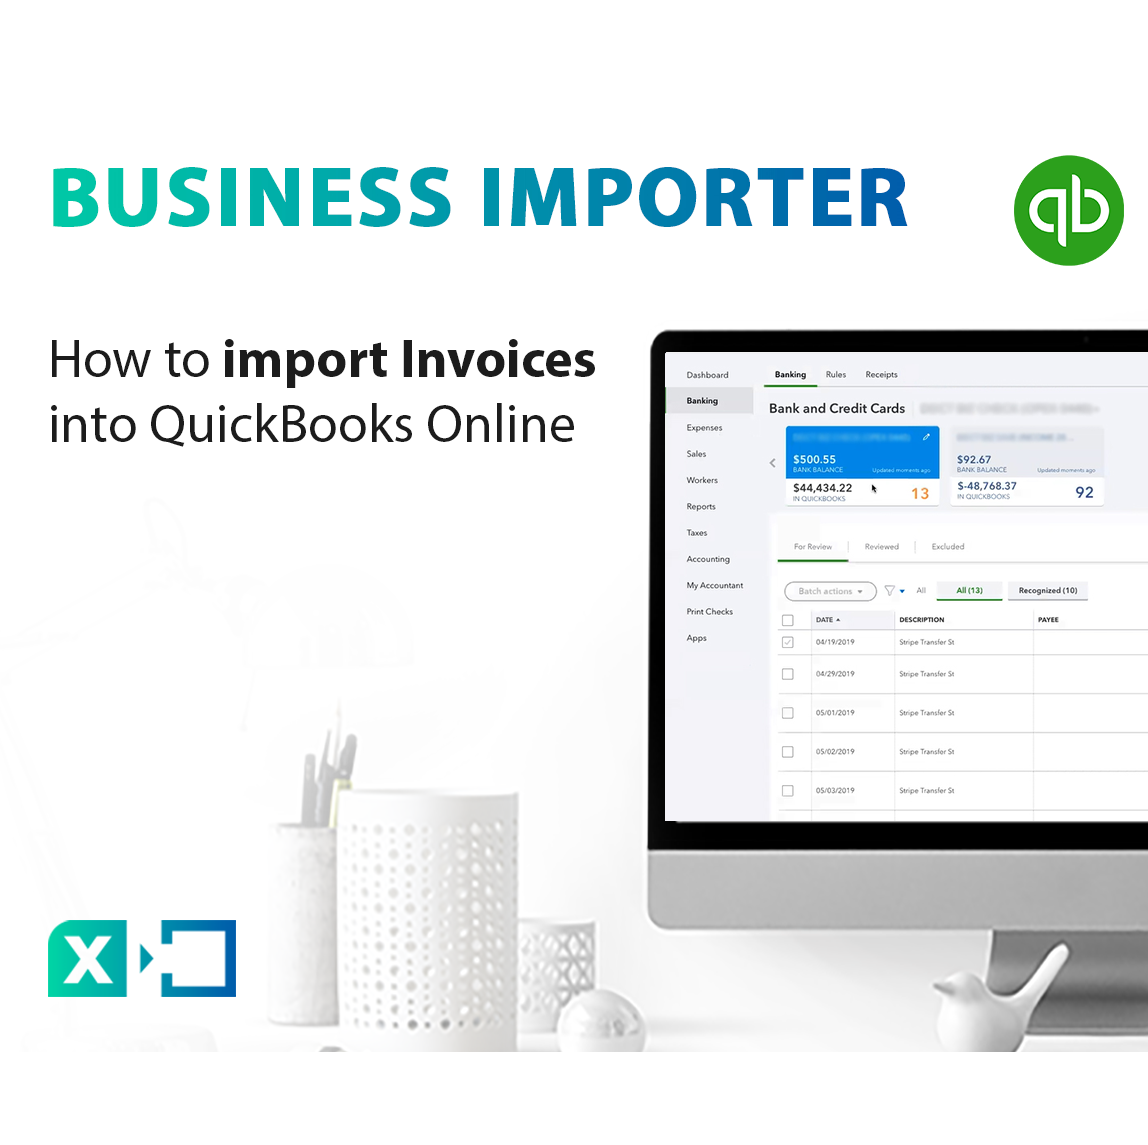 Import Invoices into QuickBooks